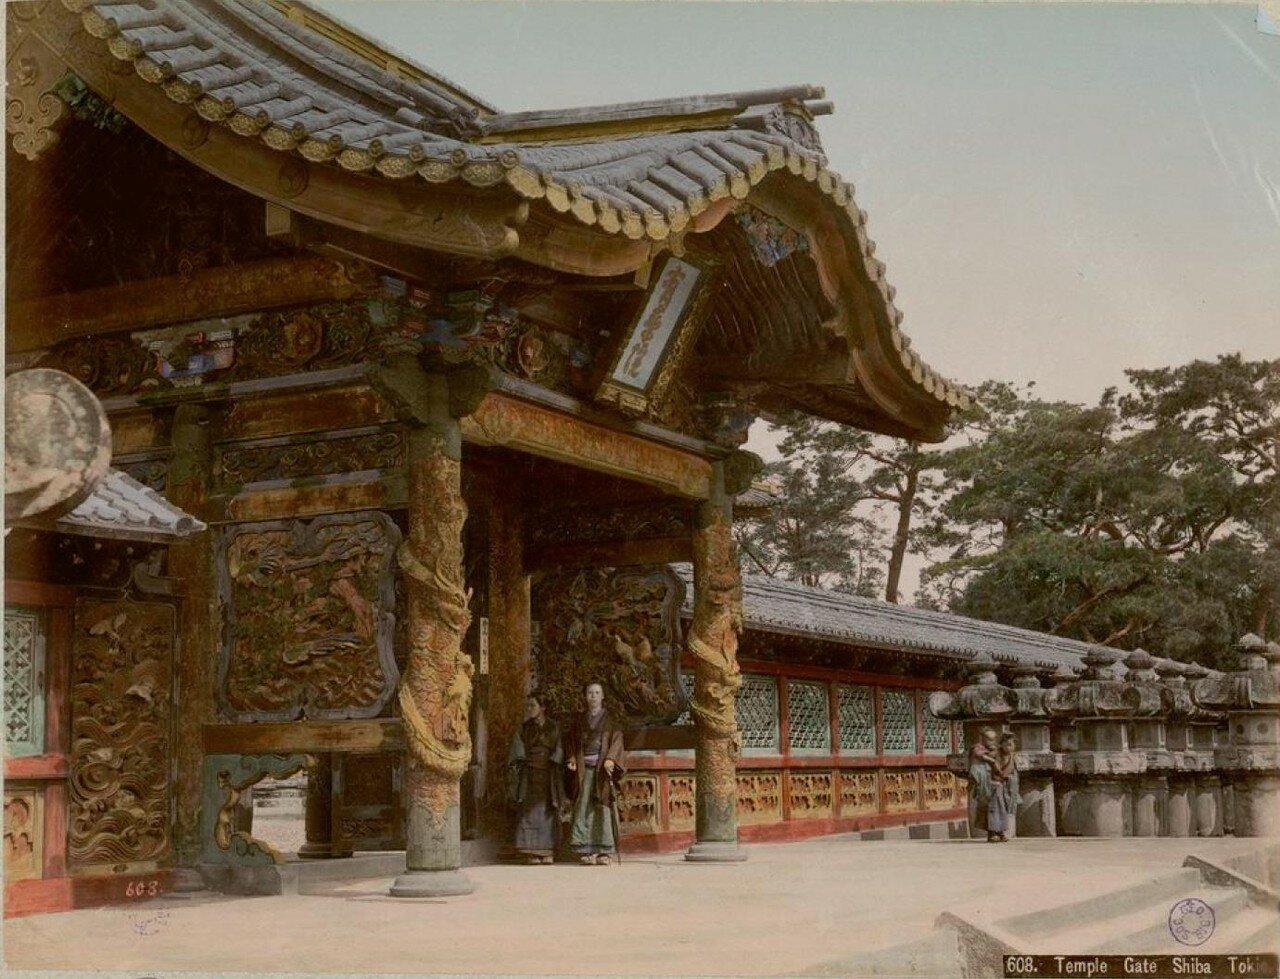 Токио. Парк Сиба. Ворота храма Дзодзё-дзи